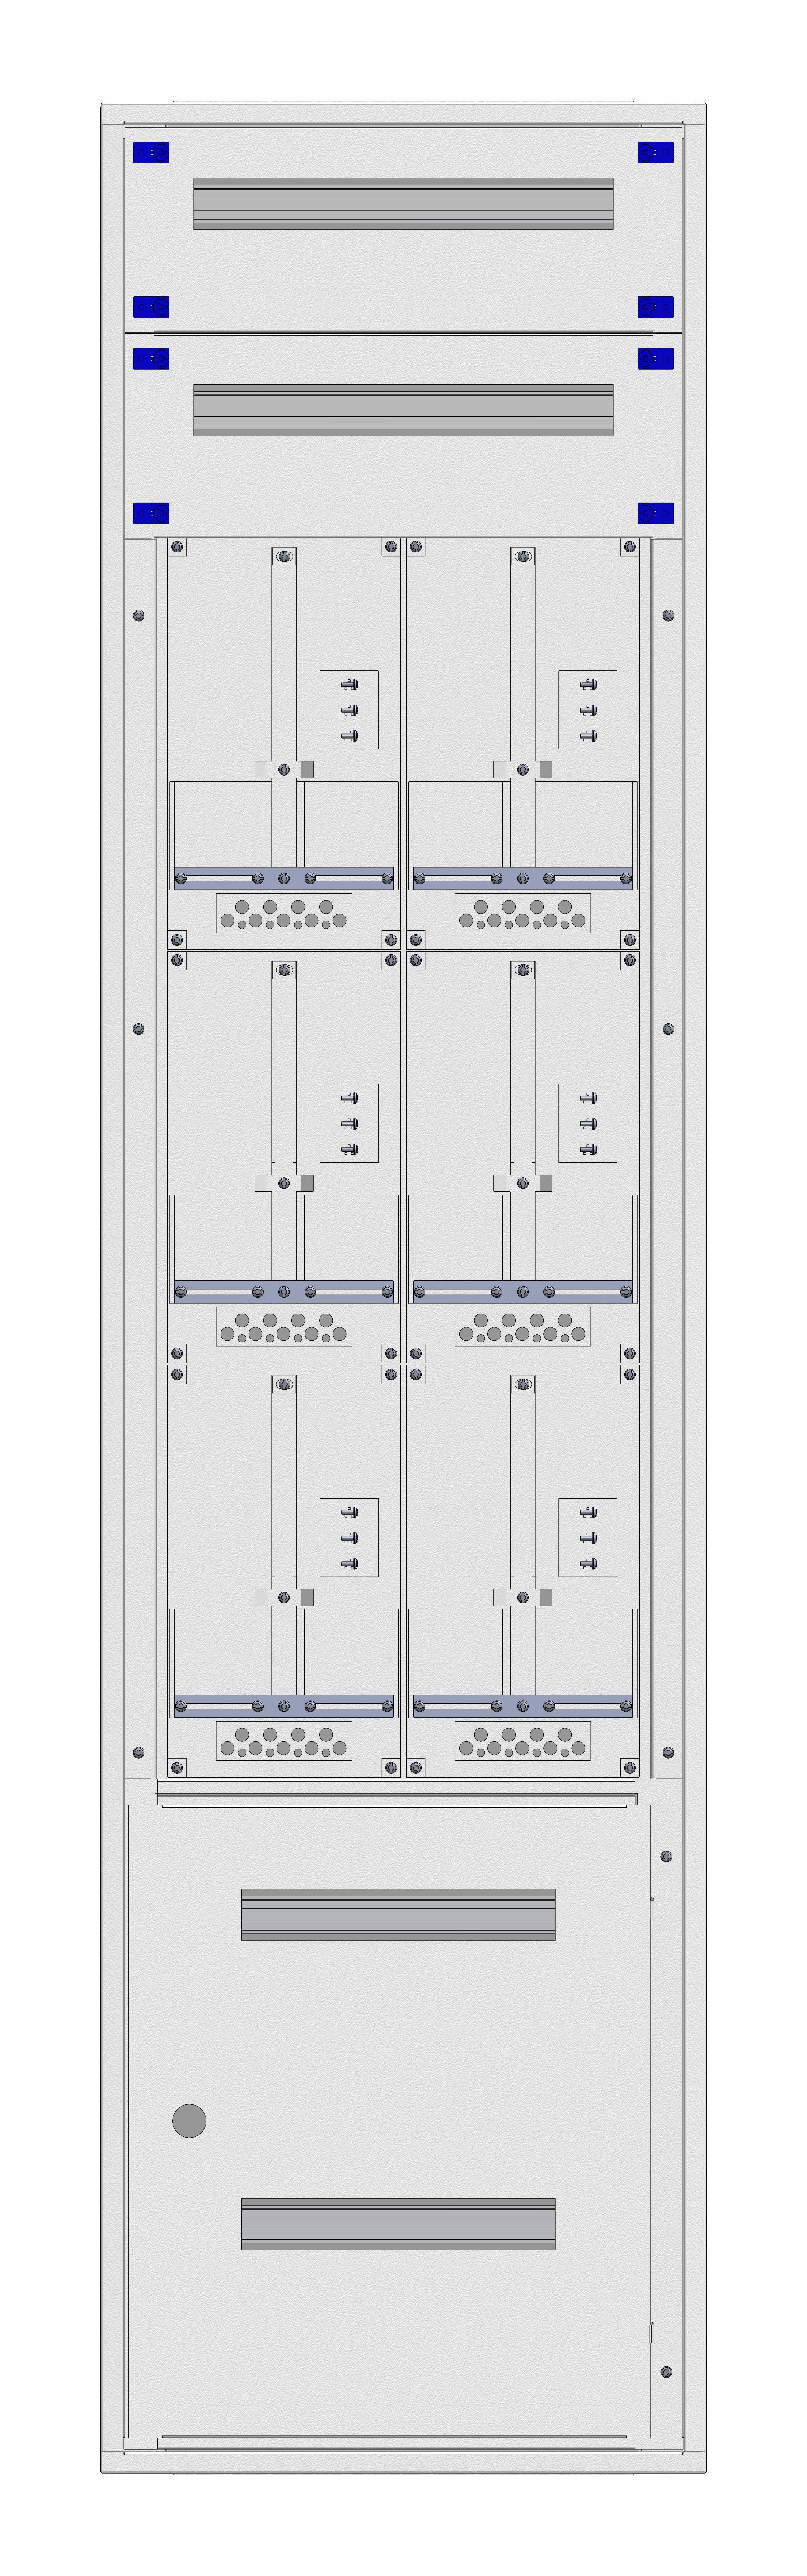 1 Stk Aufputz-Zählerverteiler 2A-45M/STMK 6ZP, H2160B590T250mm IL168245GS